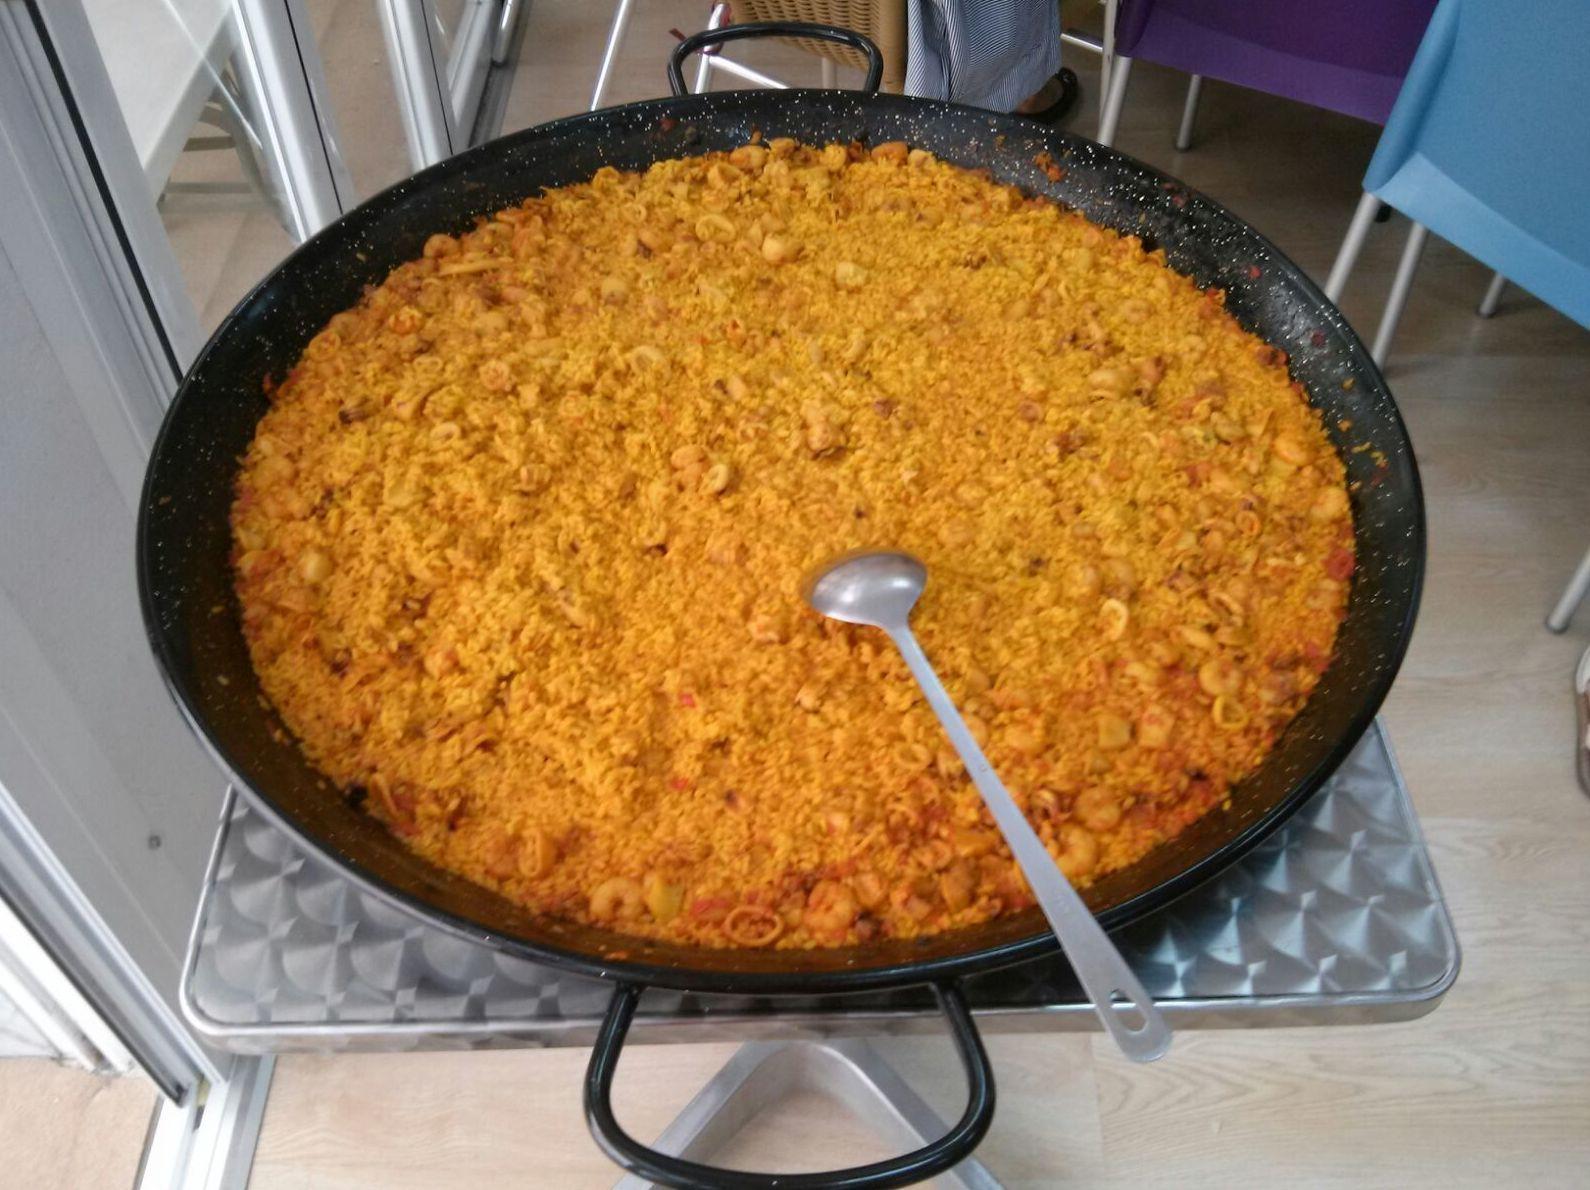 Tortuga Park, fiestas y cumpleaños infantiles en Torrelodones